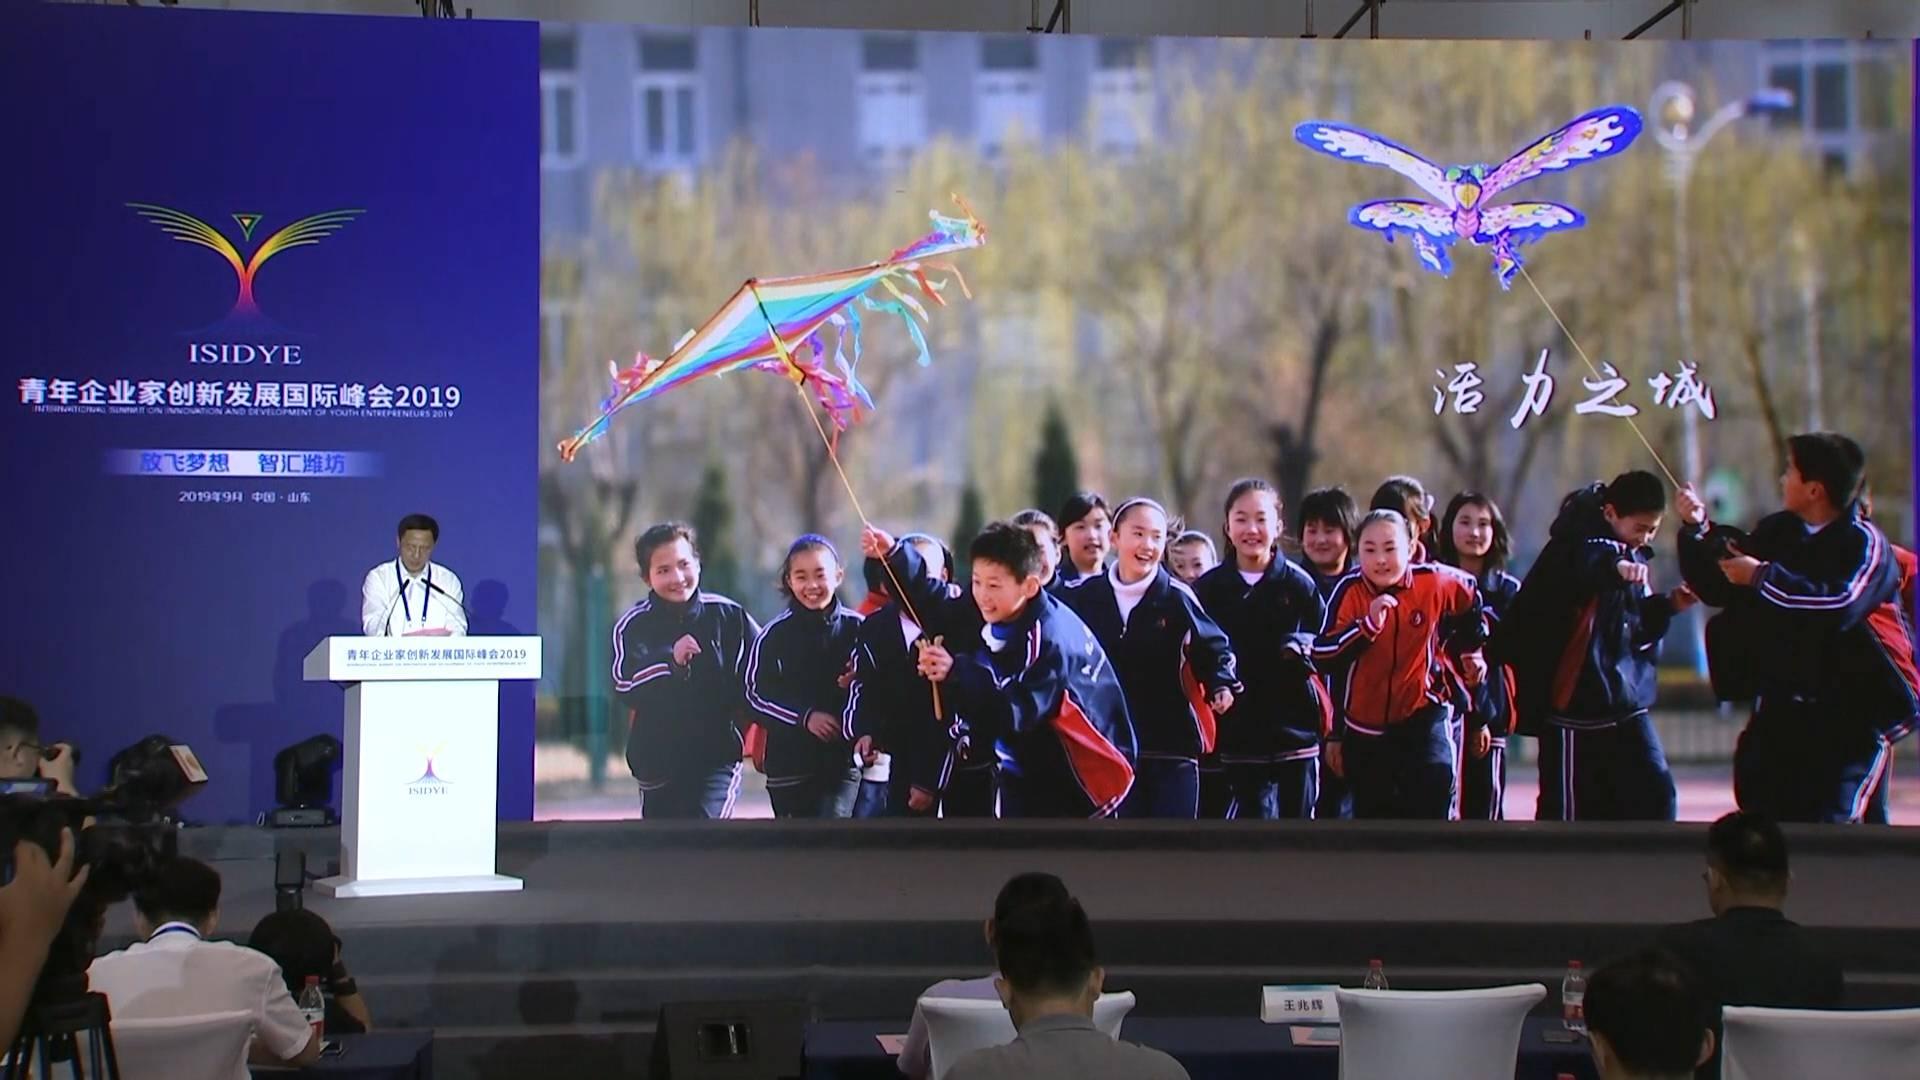 36秒|潍坊市委书记惠新安:希望与企业家围绕高质量发展深入开展洽谈合作